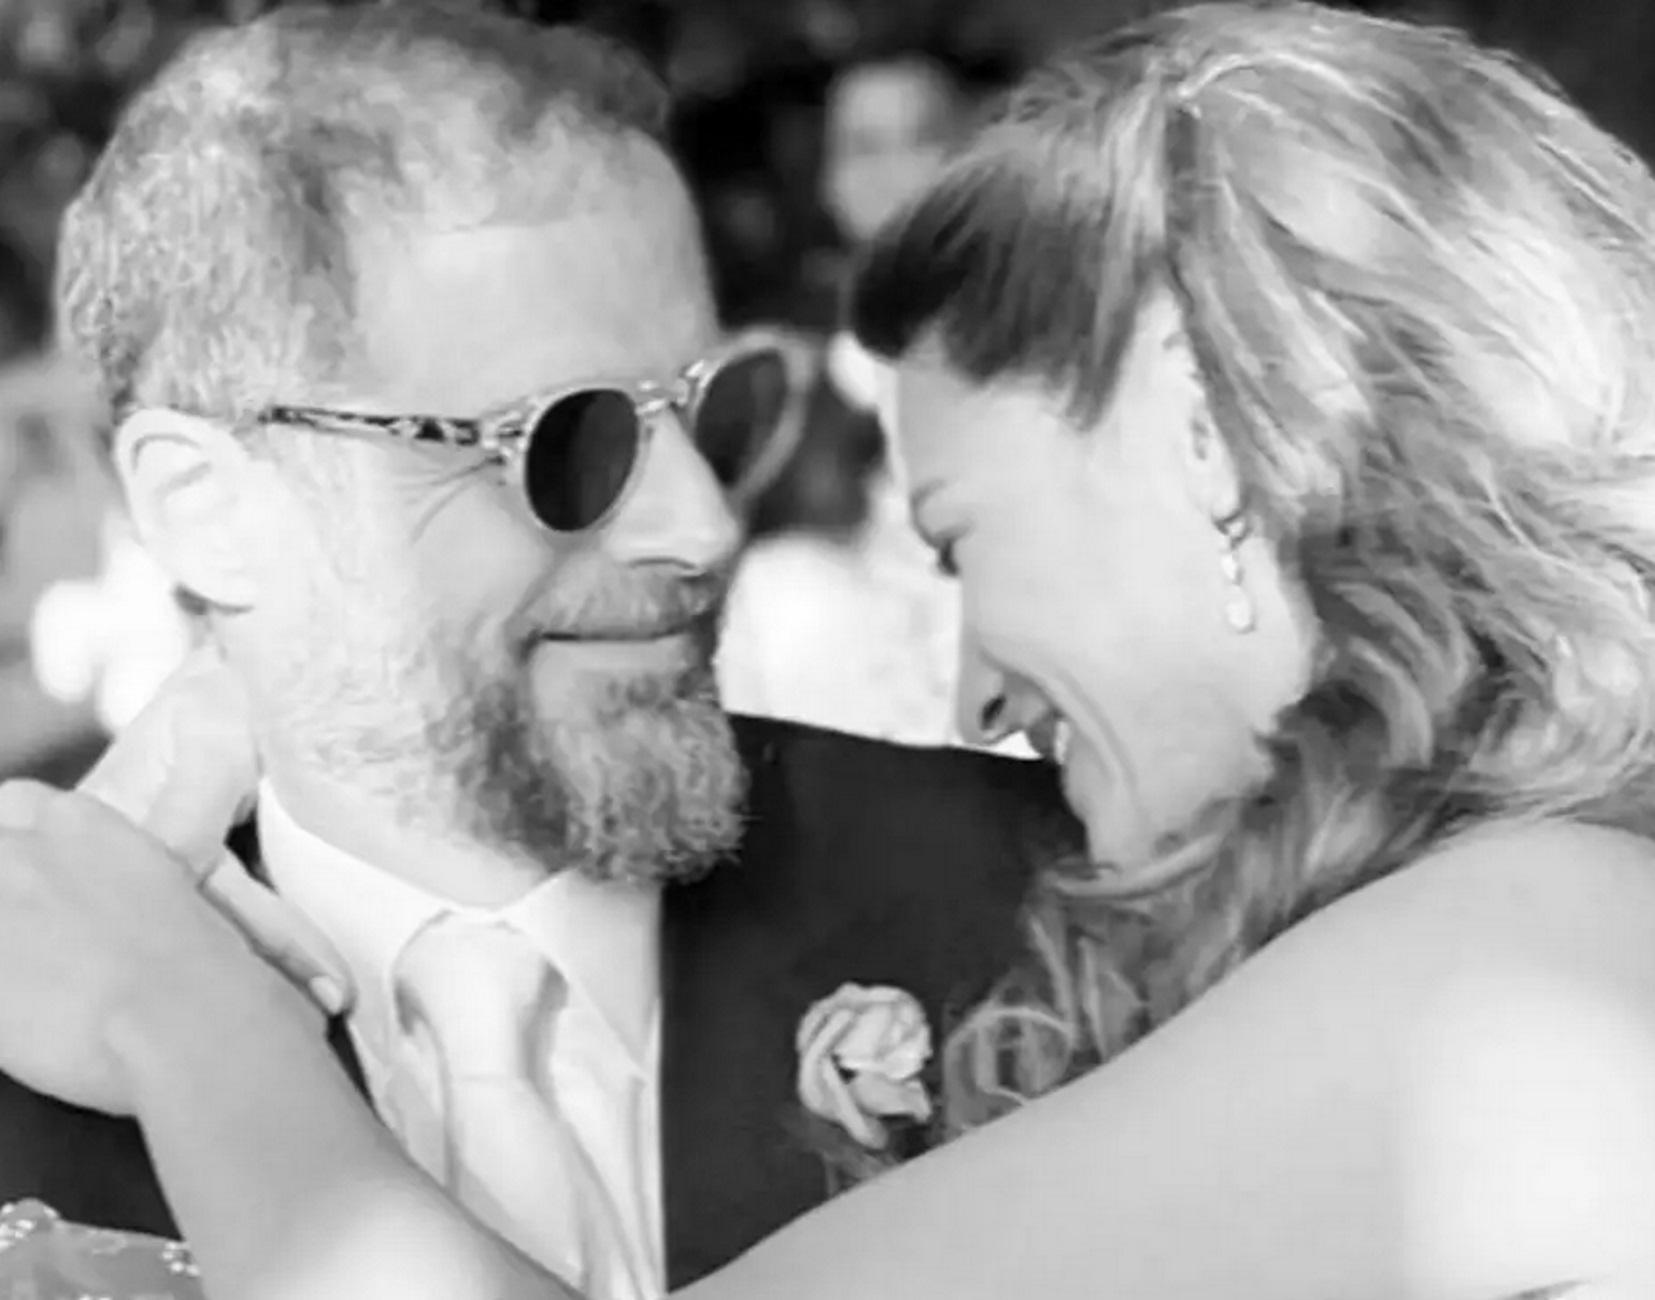 Γιάννενα: Ονειρικός γάμος στο Πάπιγκο – Ο στολισμός, οι διάσημοι καλεσμένοι και η ανατροπή της τελευταίας στιγμής